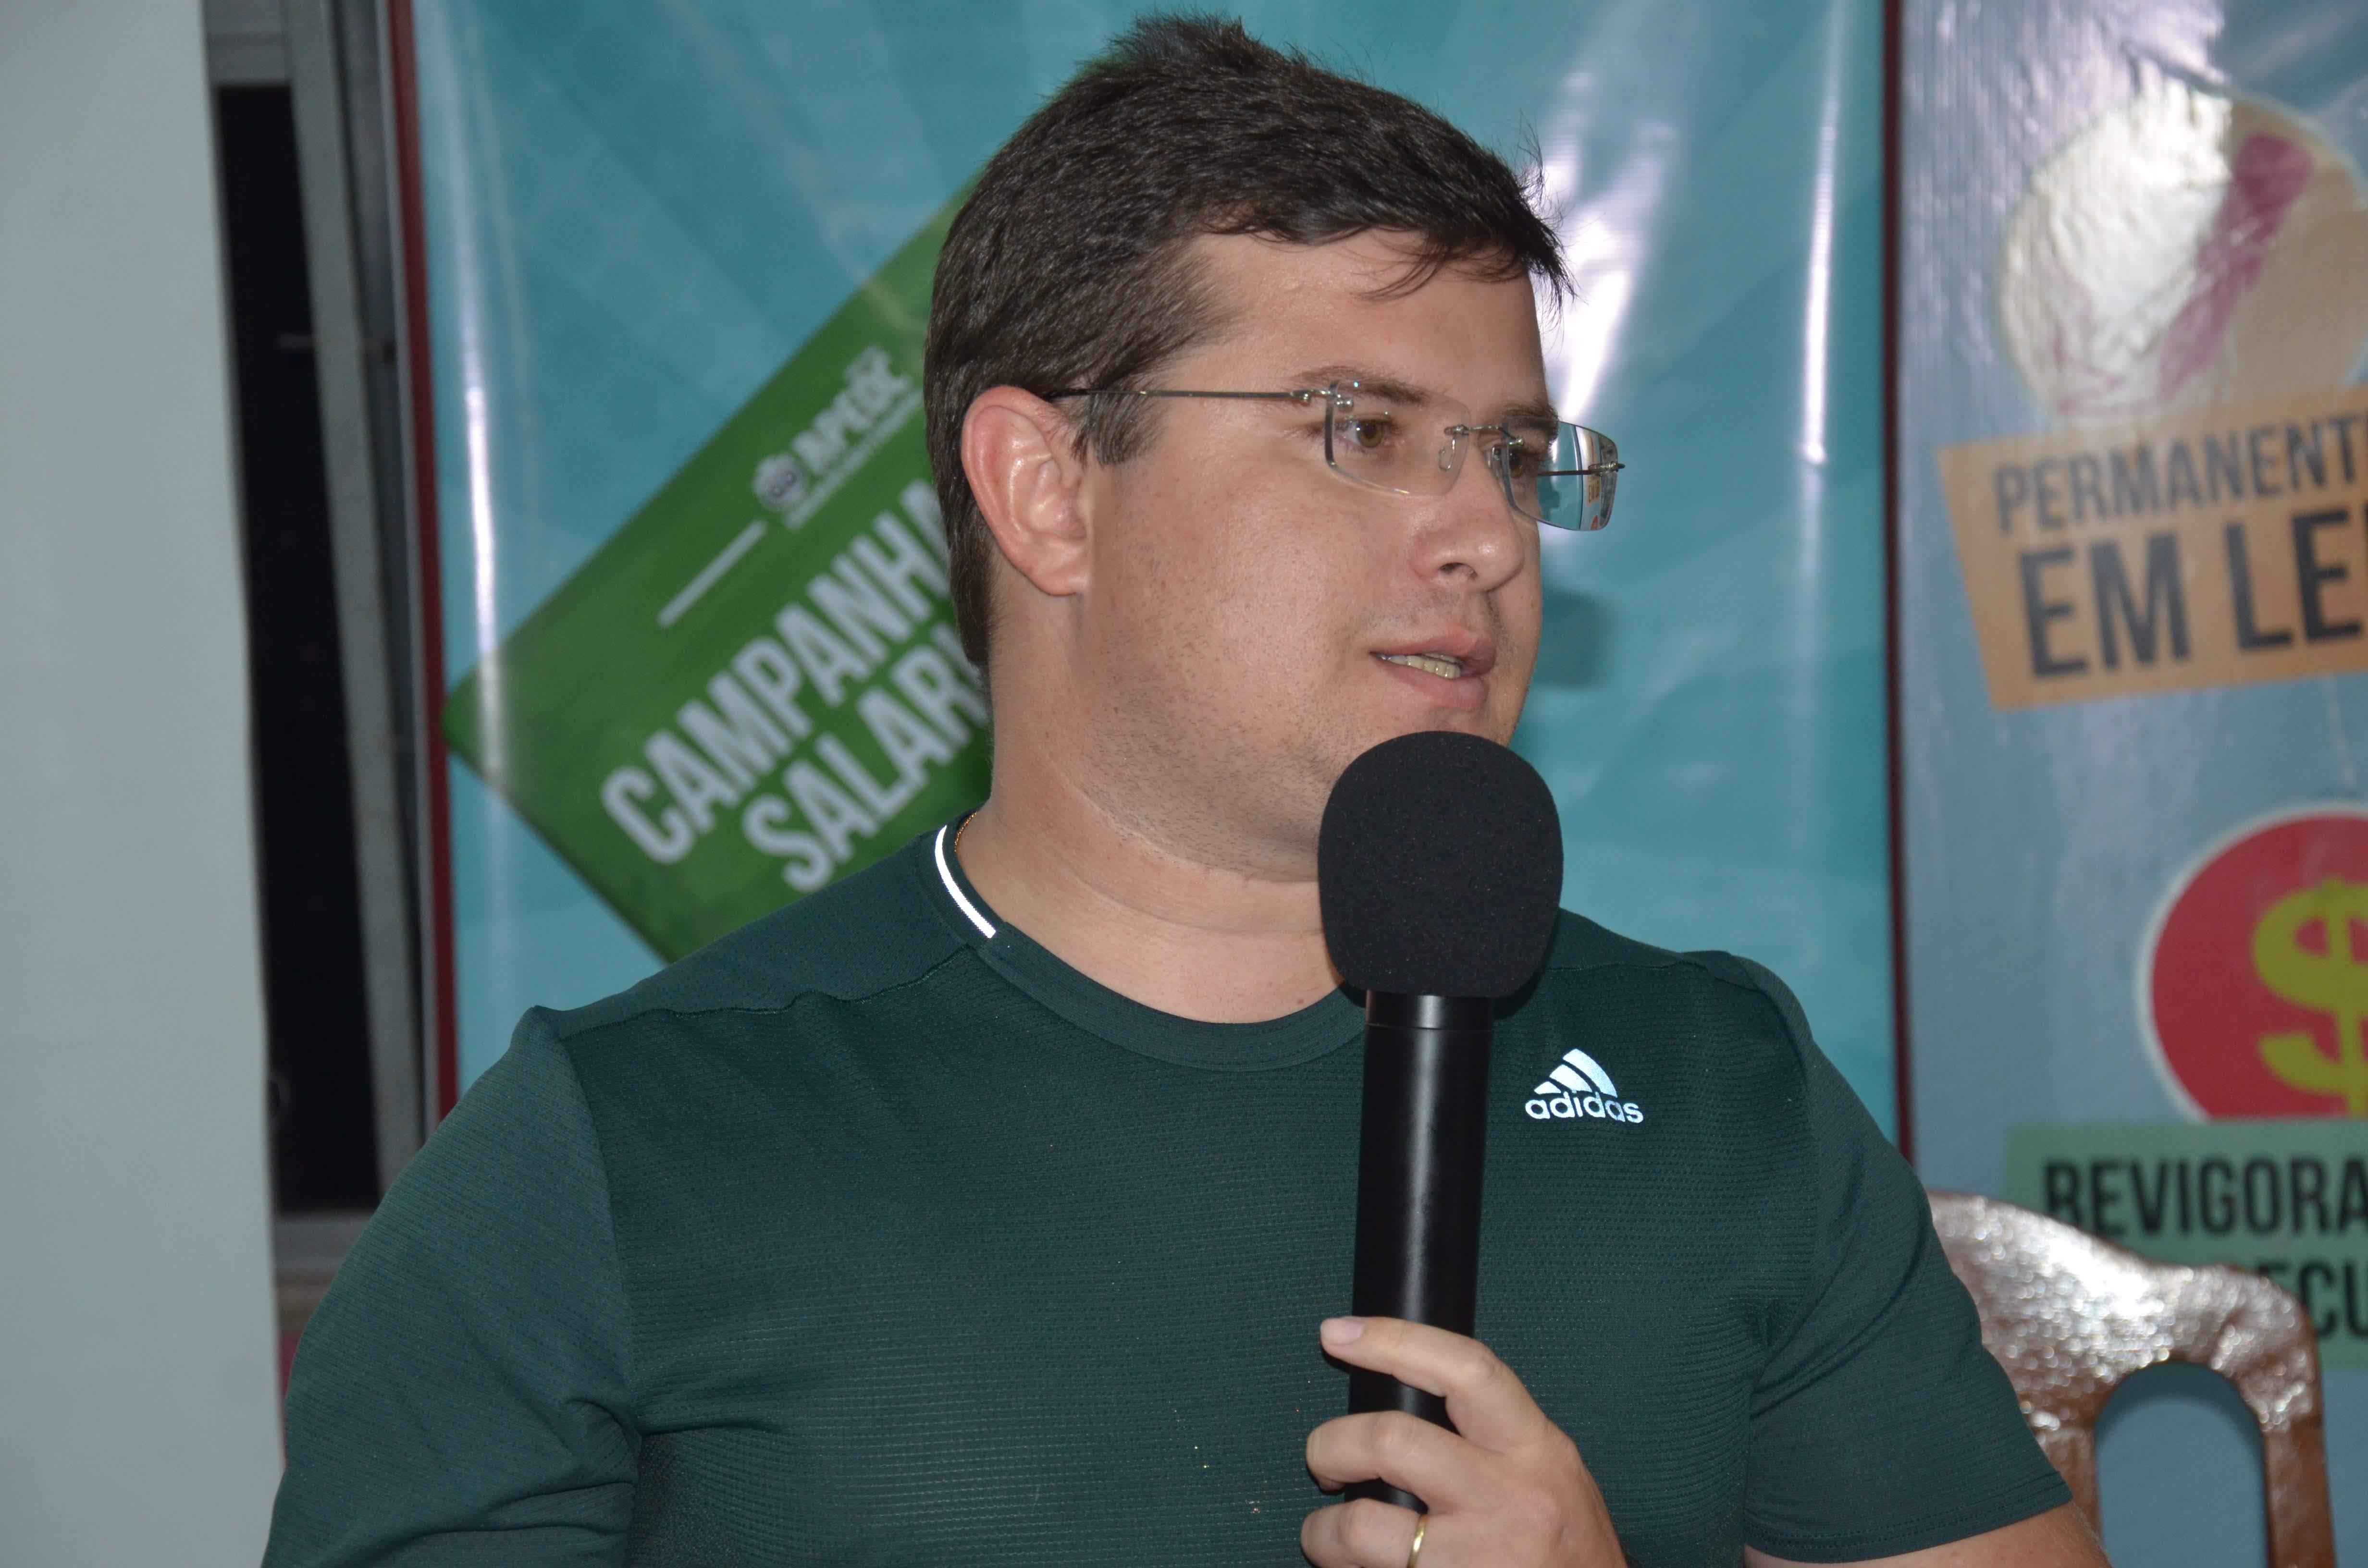 José Helano Maia